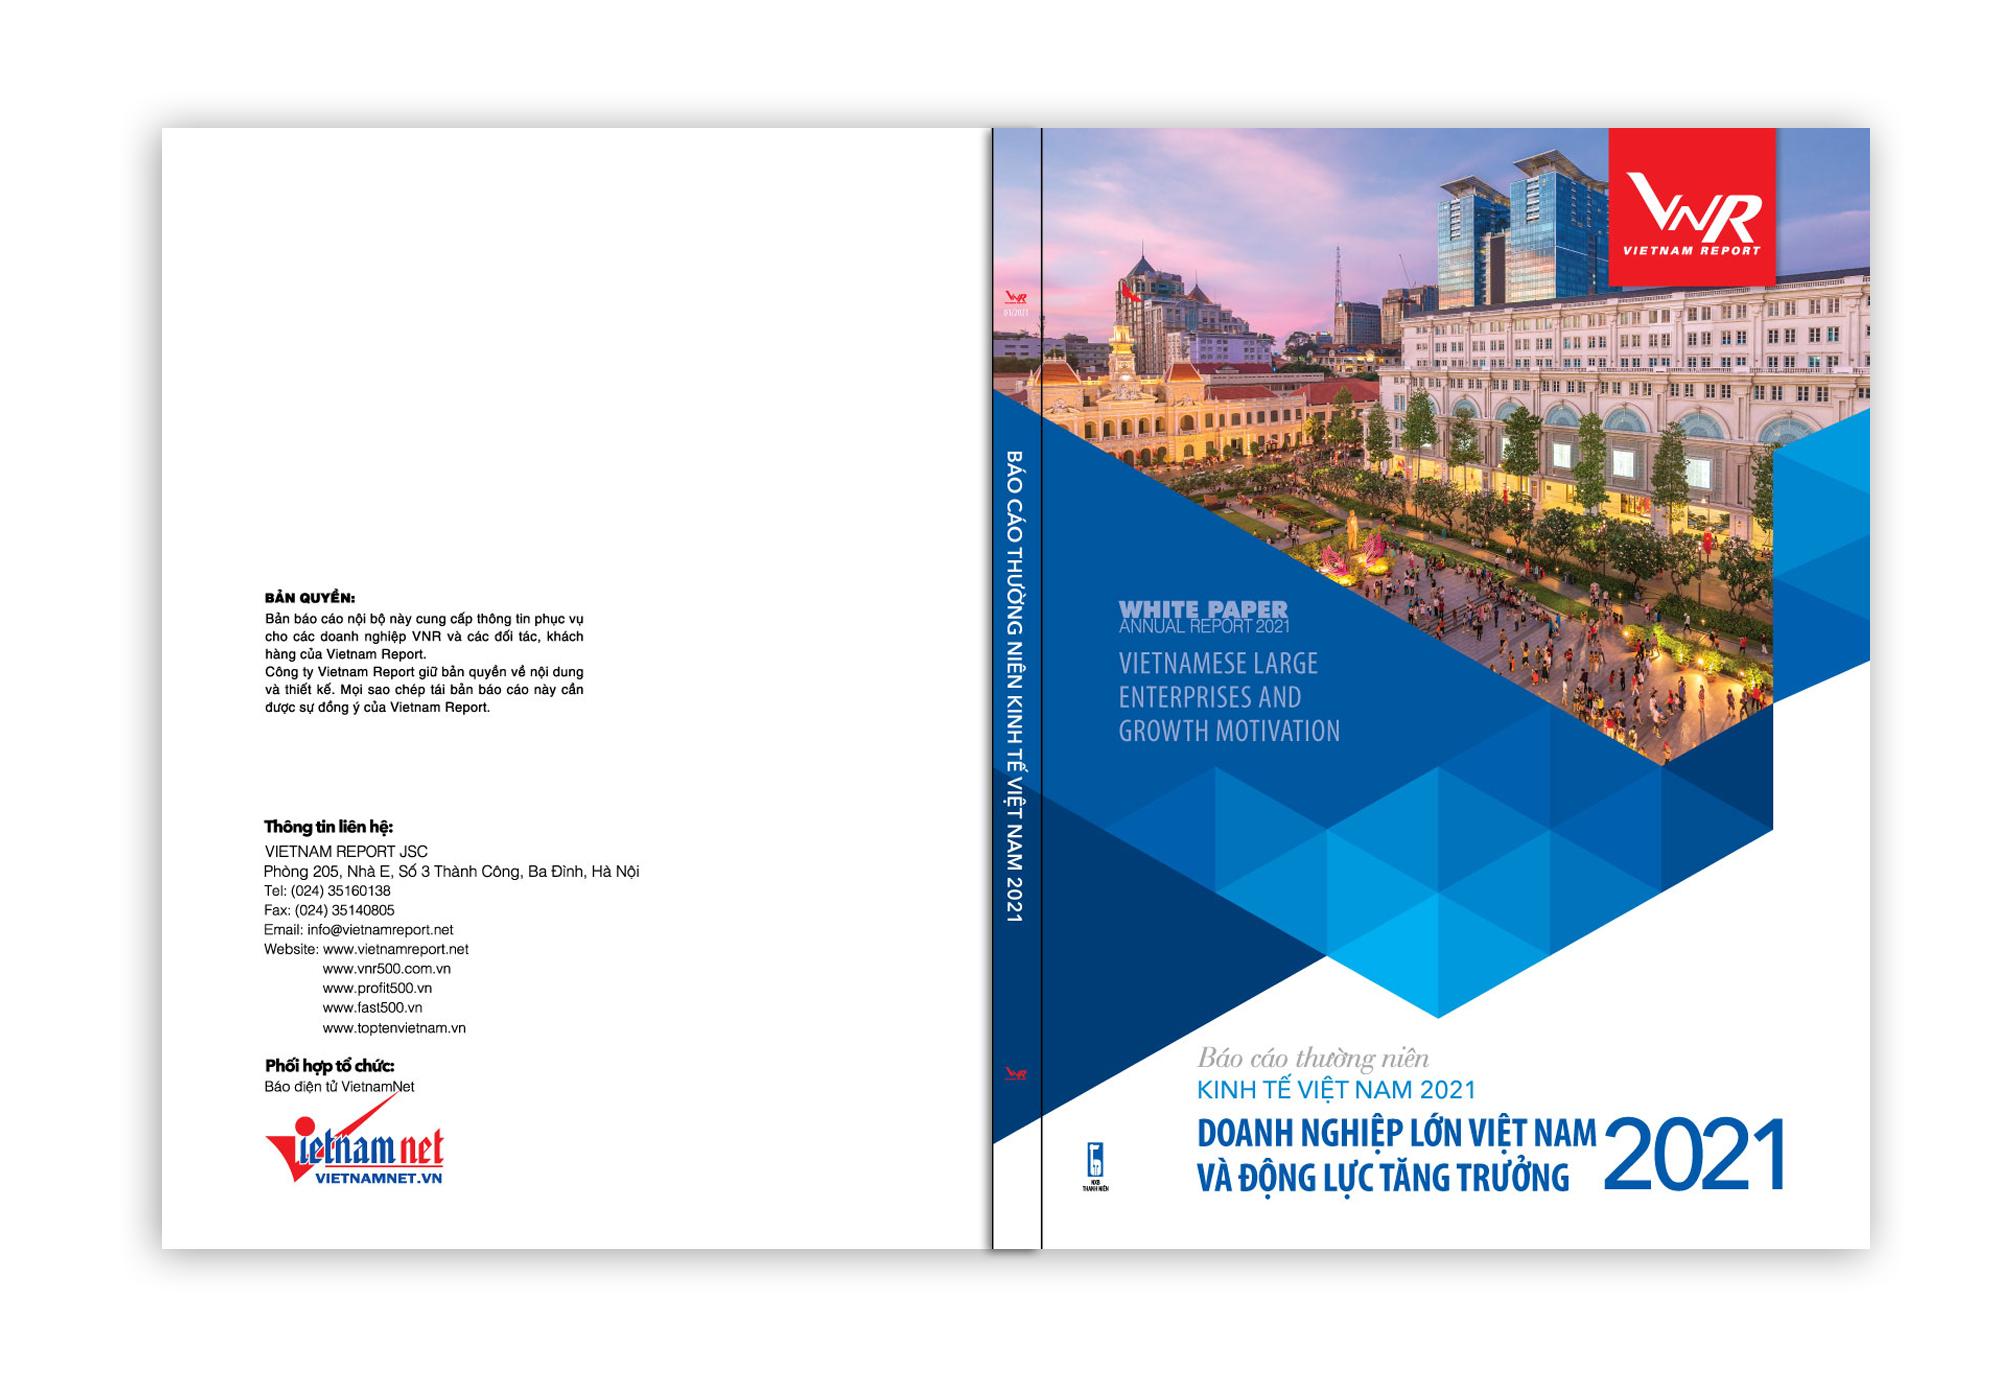 08/01/2021: Báo cáo thường niên White Paper: Kinh tế Việt Nam 2021: Doanh nghiệp lớn Việt Nam và Động lực tăng trưởng 2021